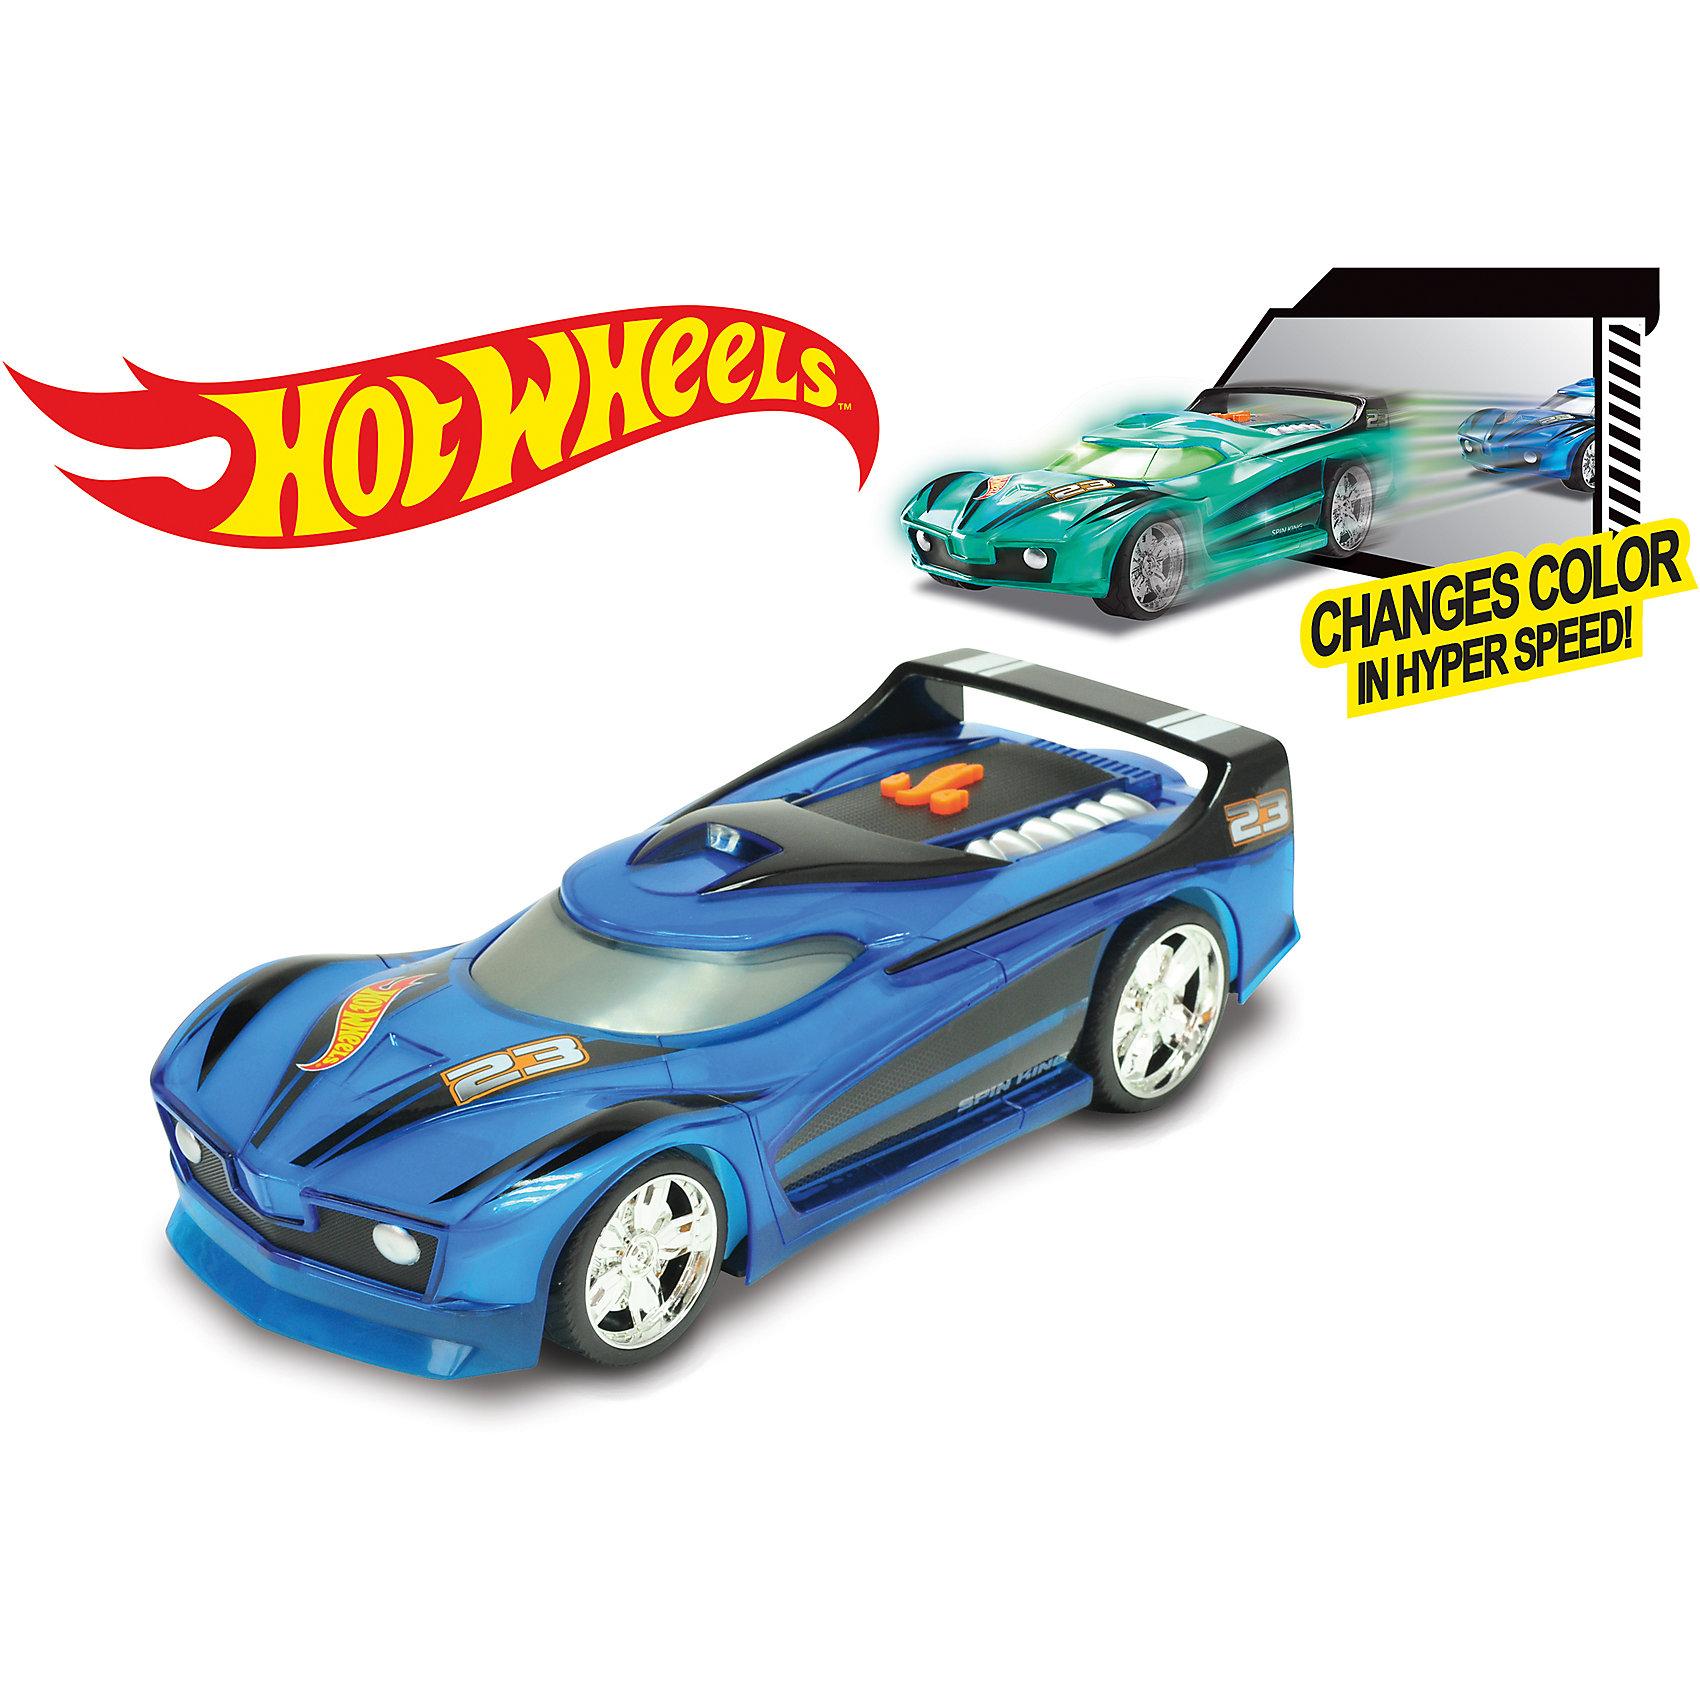 Электромеханическая машинка, синяя, 25 см, Hot Wheels